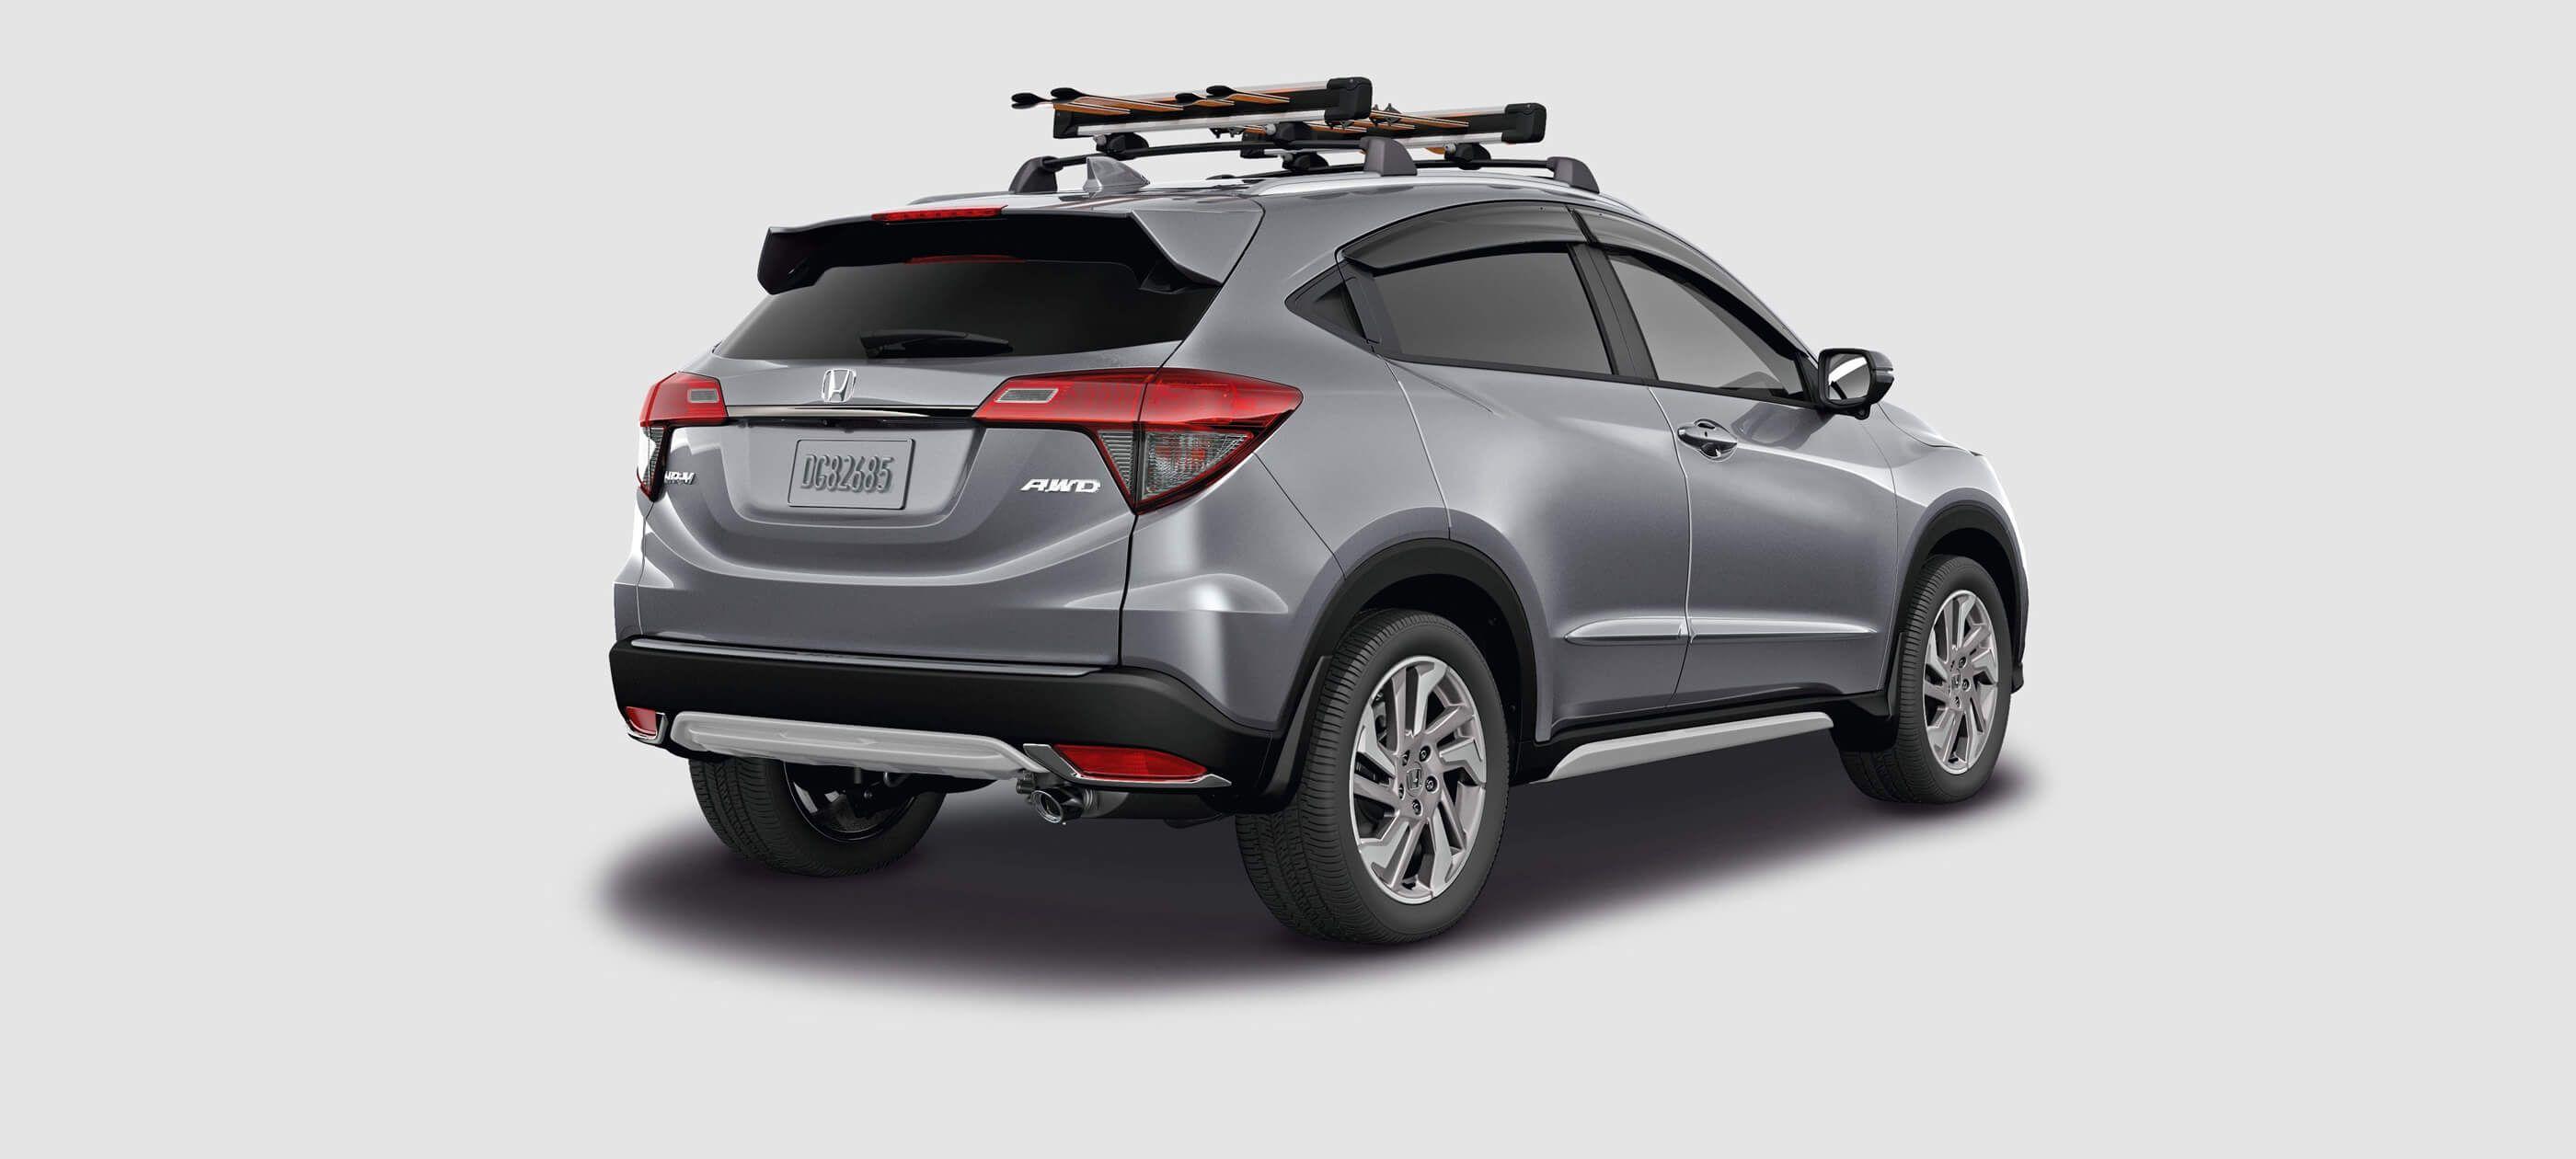 2019 Honda Hr V Southern California Honda Dealers Subcompact Crossover Suv Sistema De Audio Asiento De Cuero Palanca De Cambios